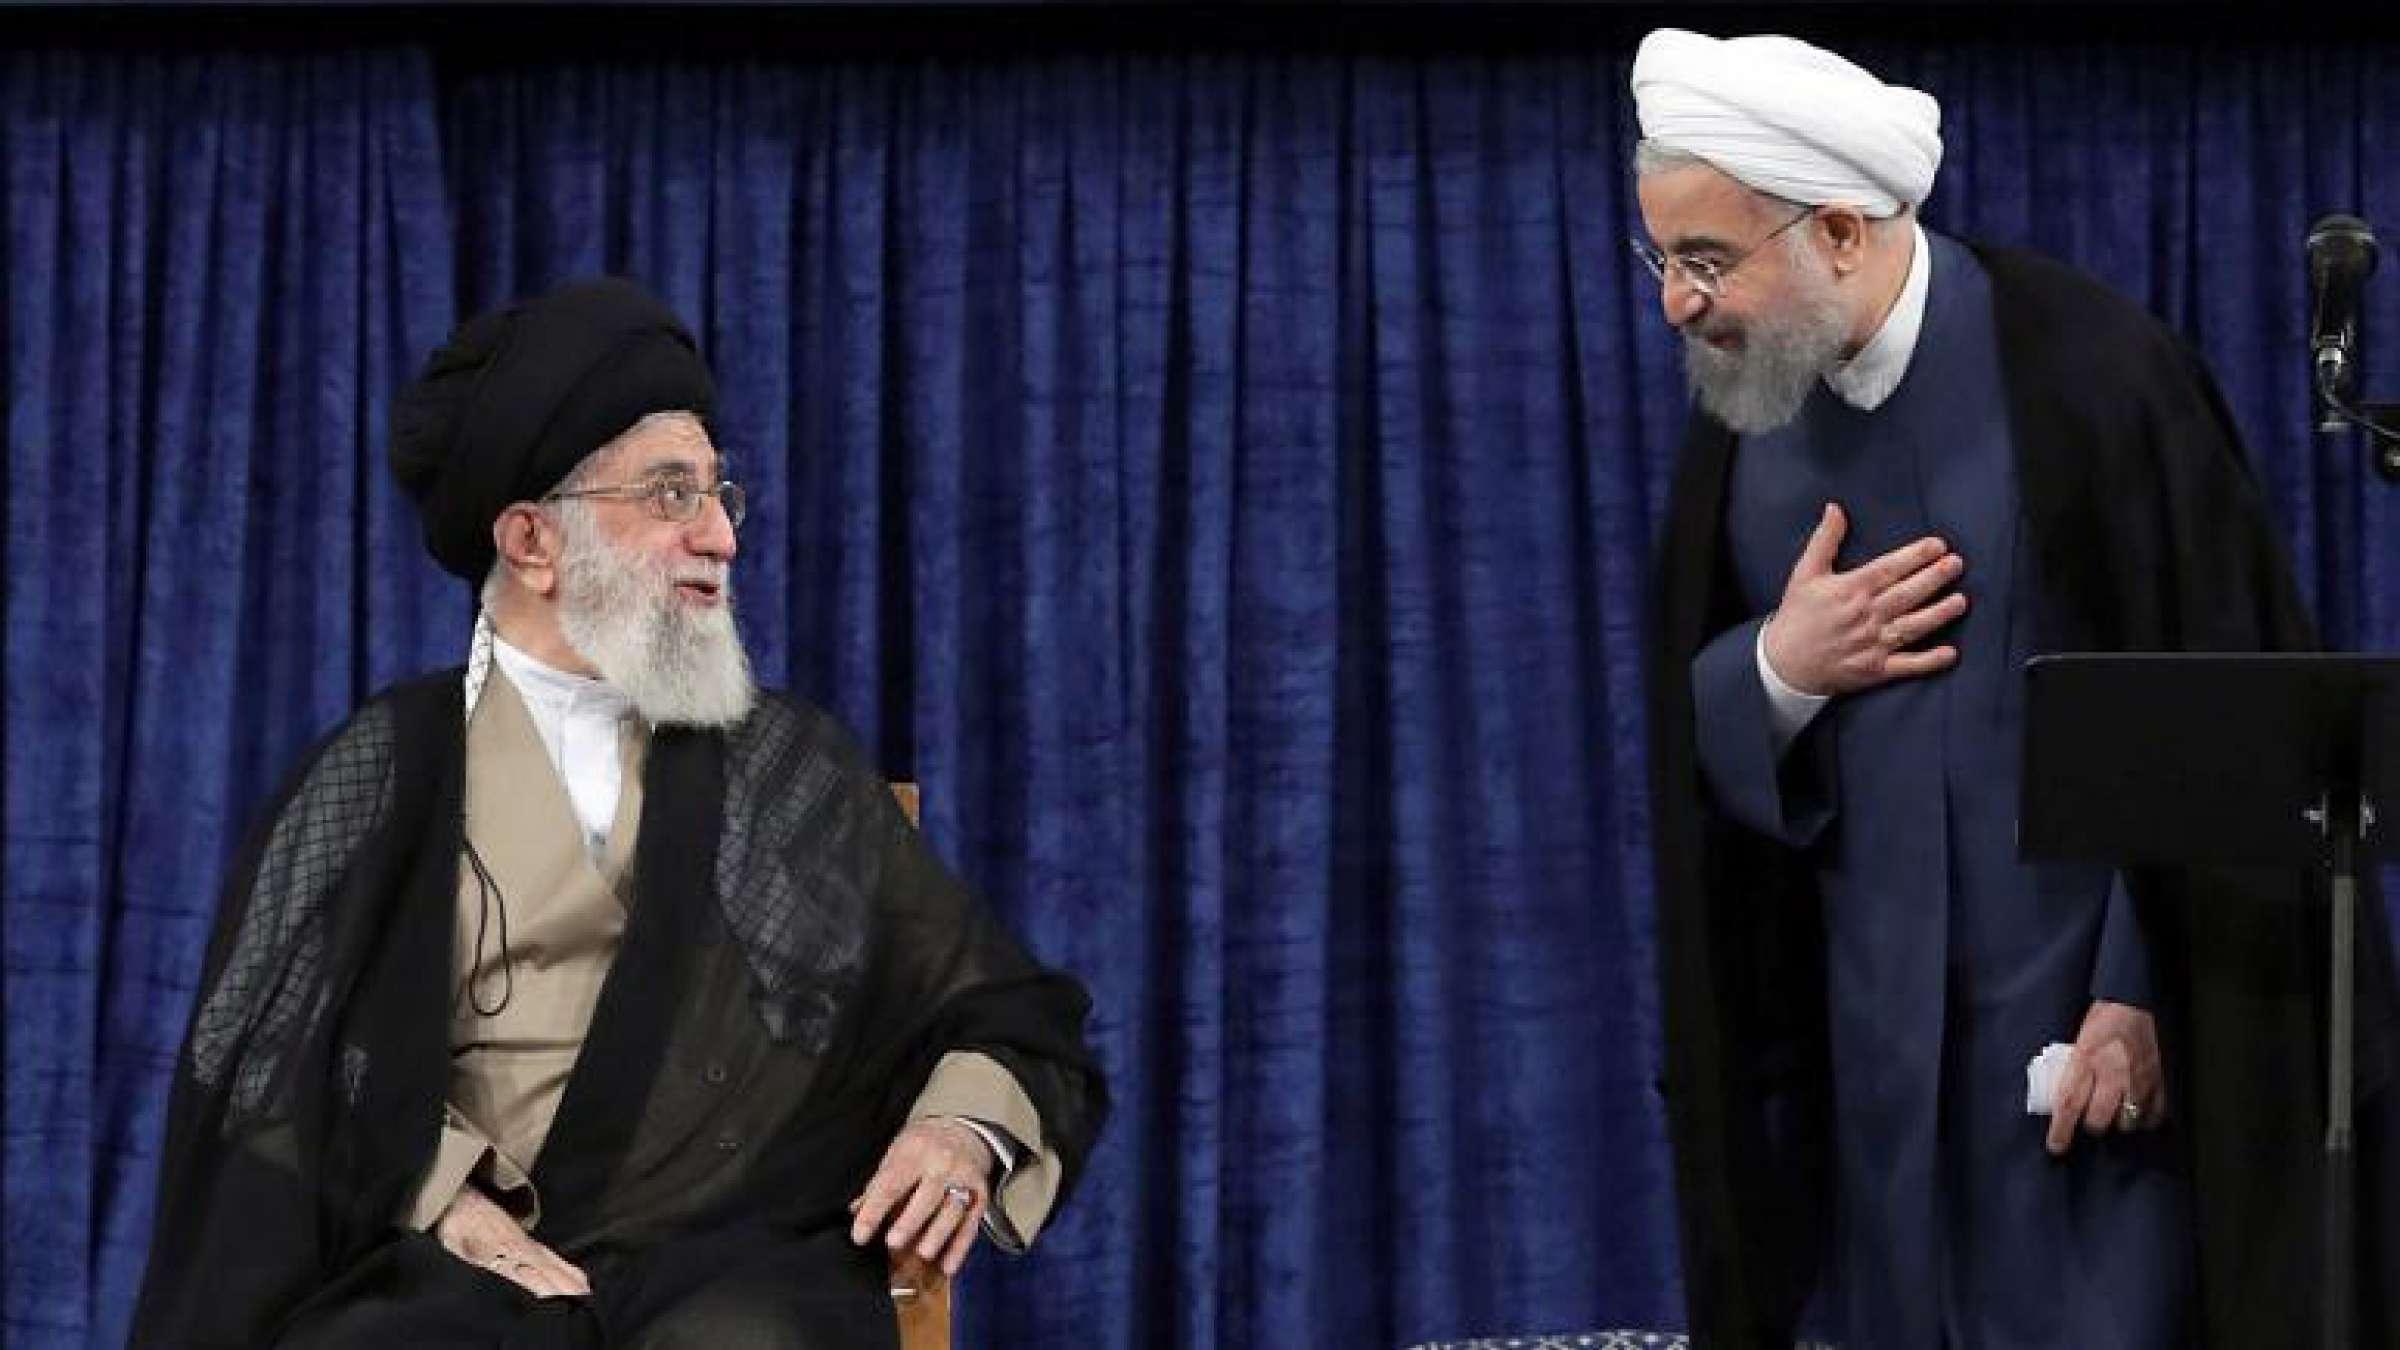 چرا-حسن-روحانی-رئیس-جمهور-مطیع-تری-برای-رهبر-جمهوری-اسلامی-شده-است